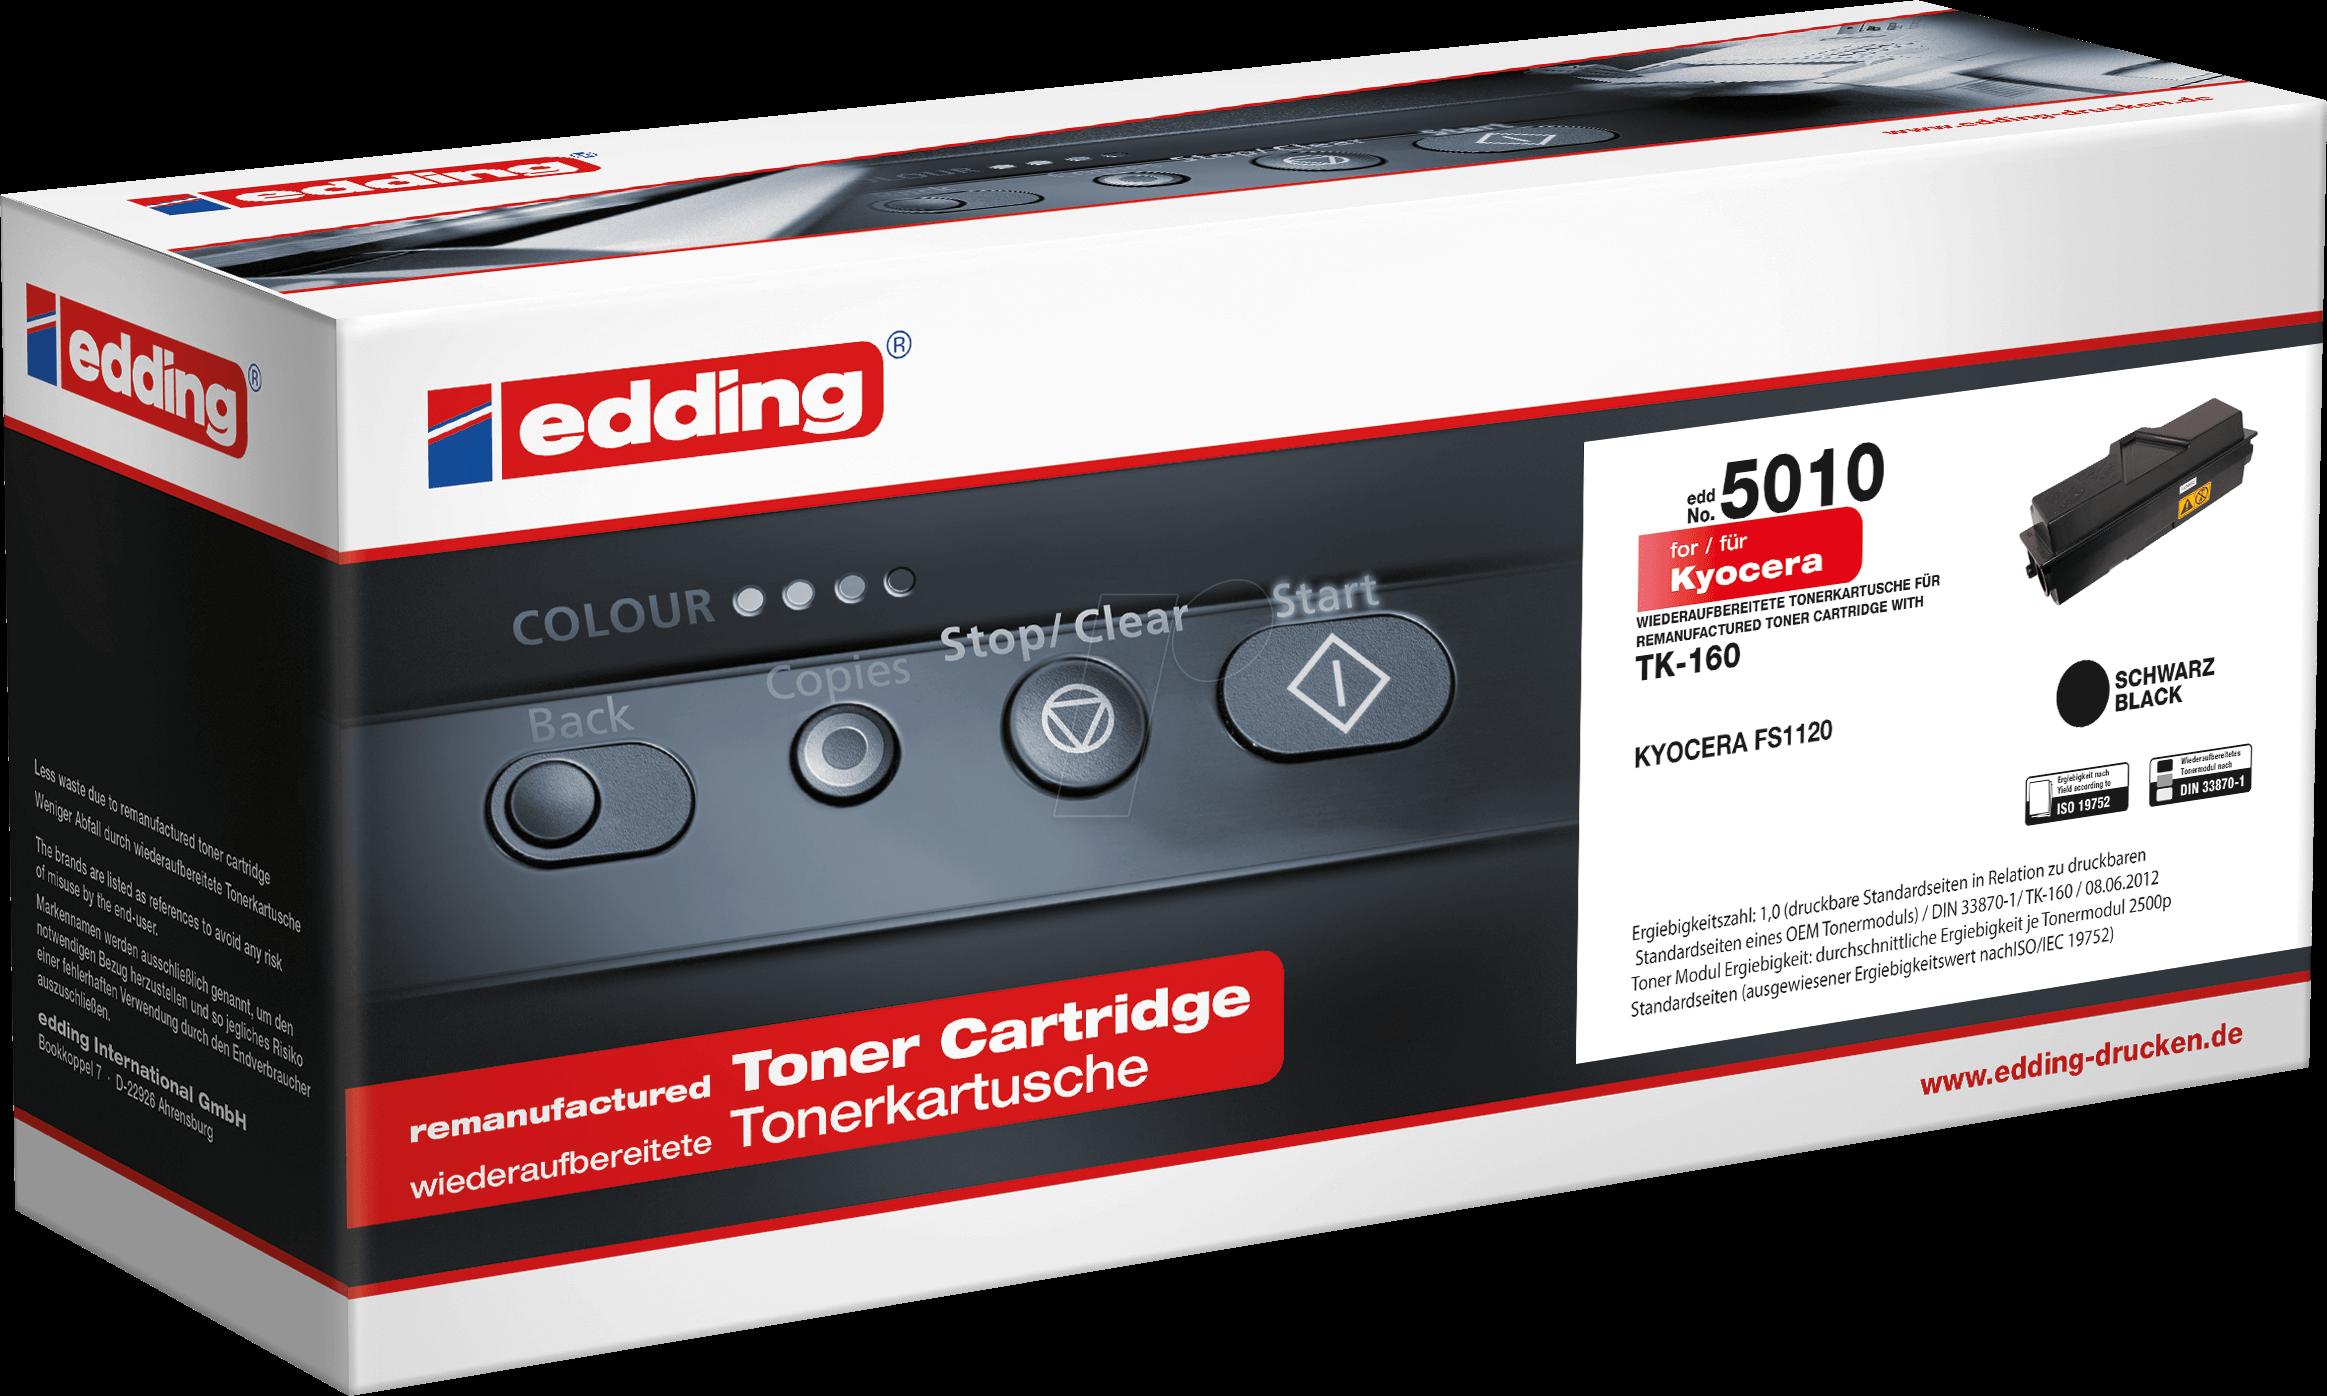 EDDING EDD-5010 - Toner - Kyocera - schwarz - TK-160 - rebuilt